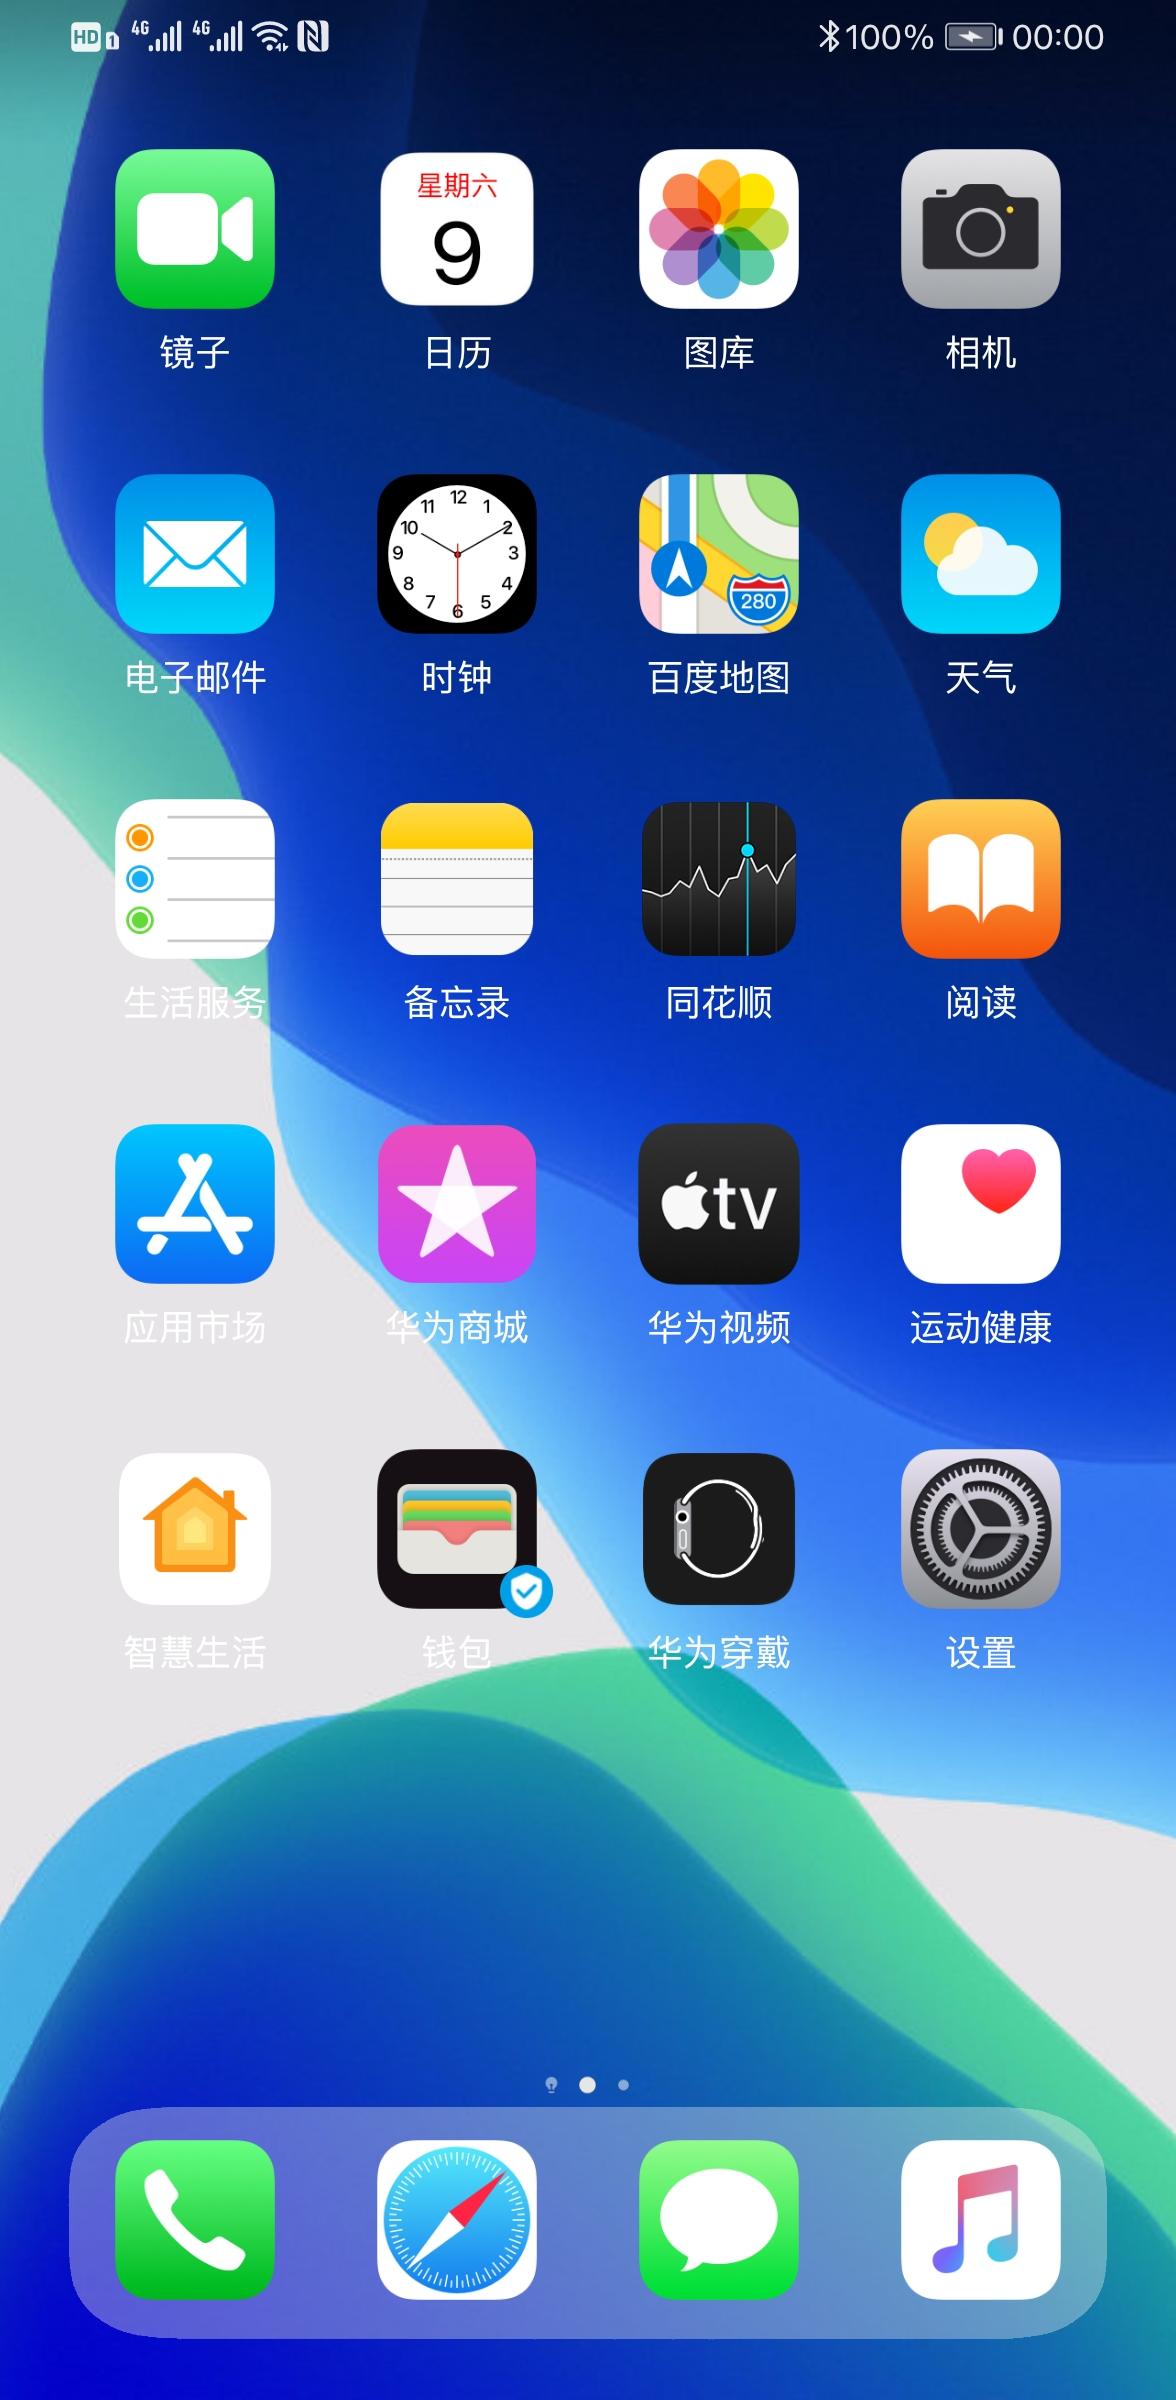 Screenshot_20191109_000014_com.huawei.android.launcher.jpg